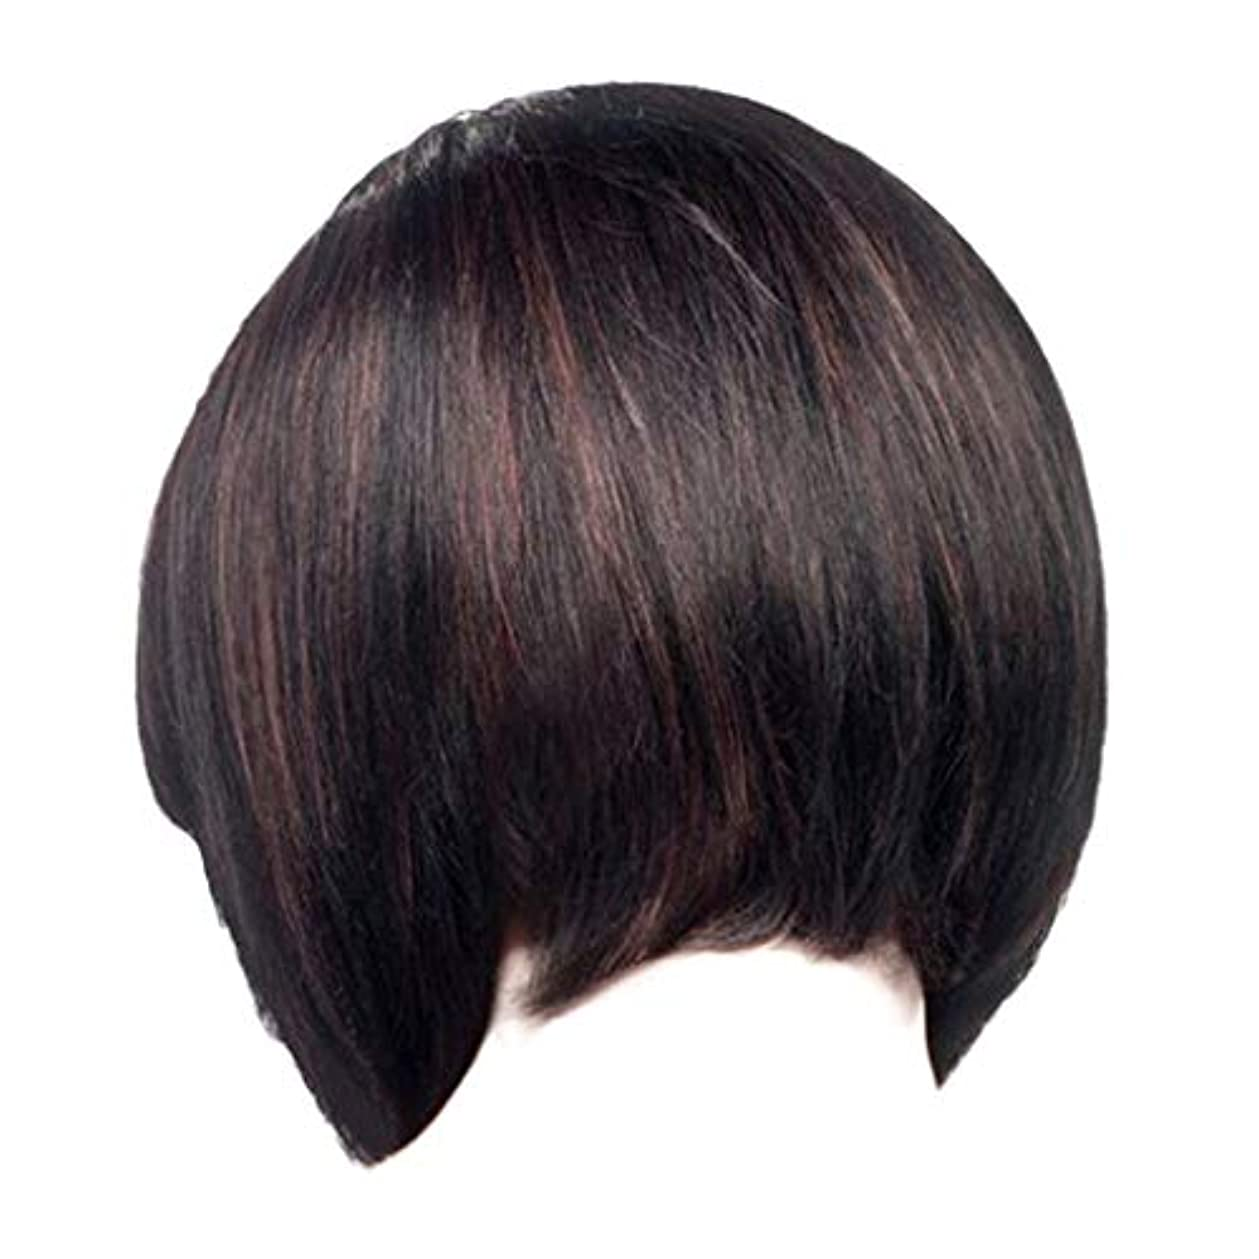 ウィッグレディースファッションブラックショートストレートヘアナチュラルウィッグローズヘアネット